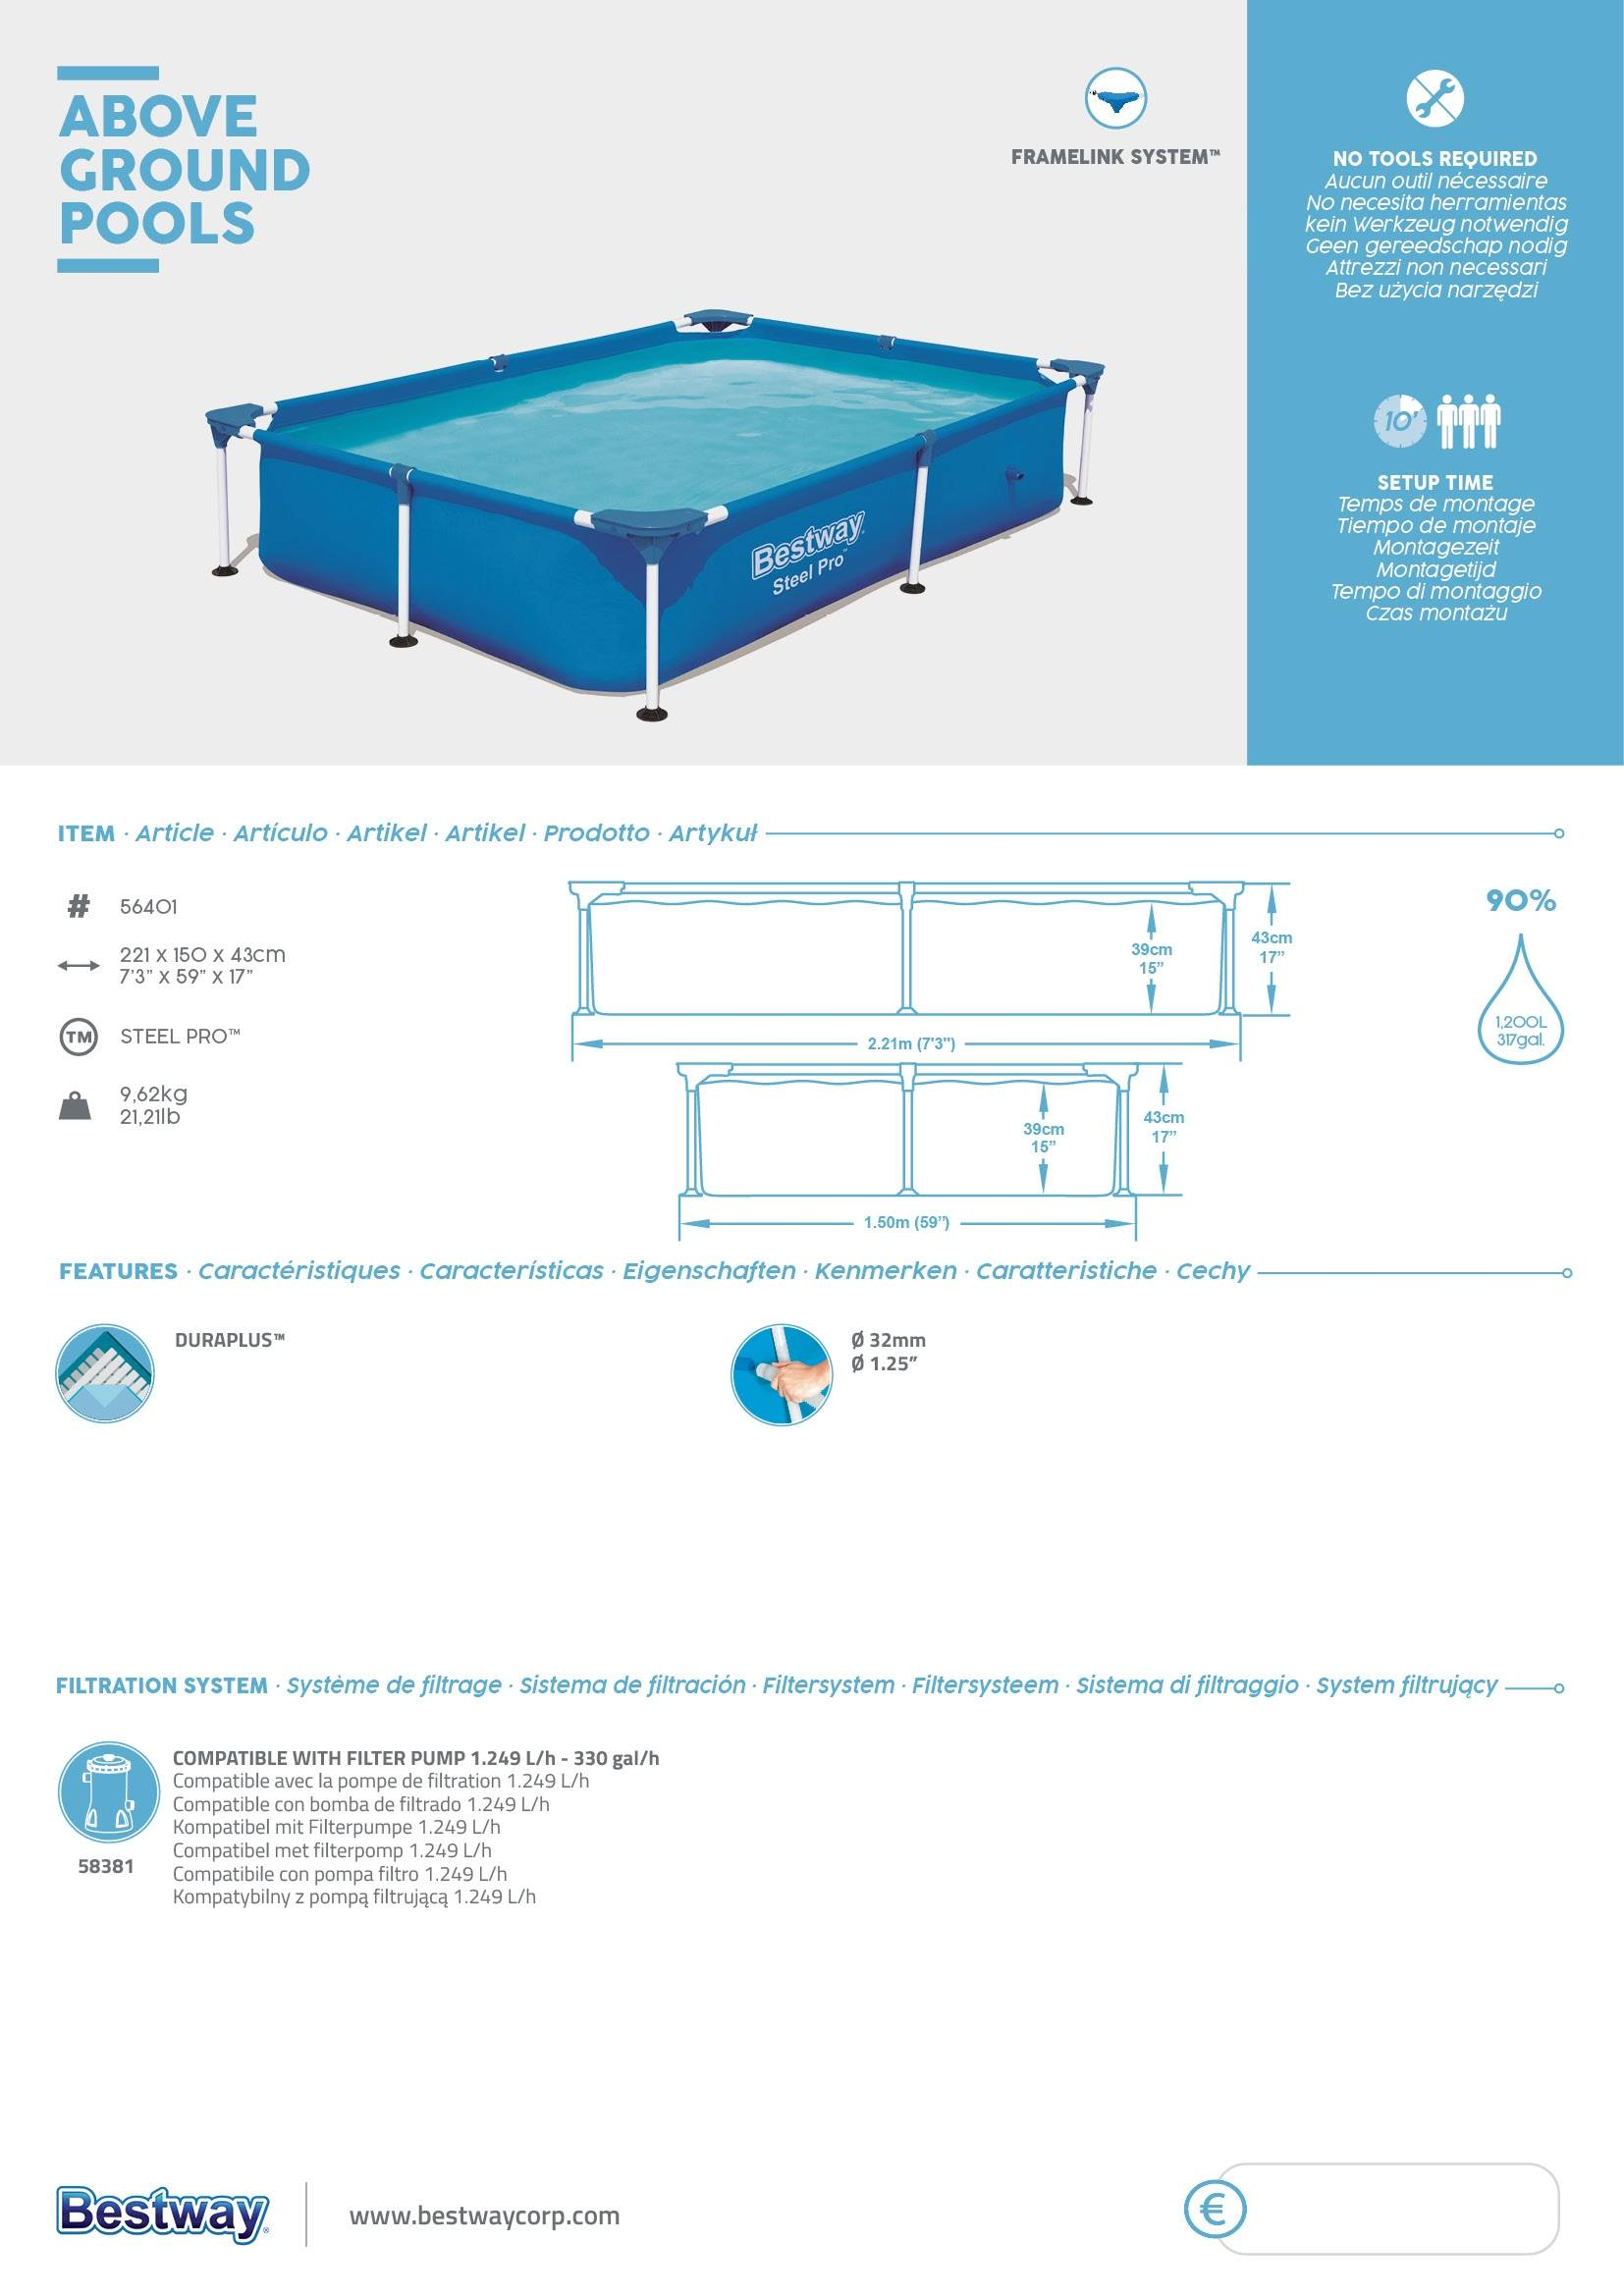 Piscina desmontable tubular Bestway Steel Pro 221x150x43cm